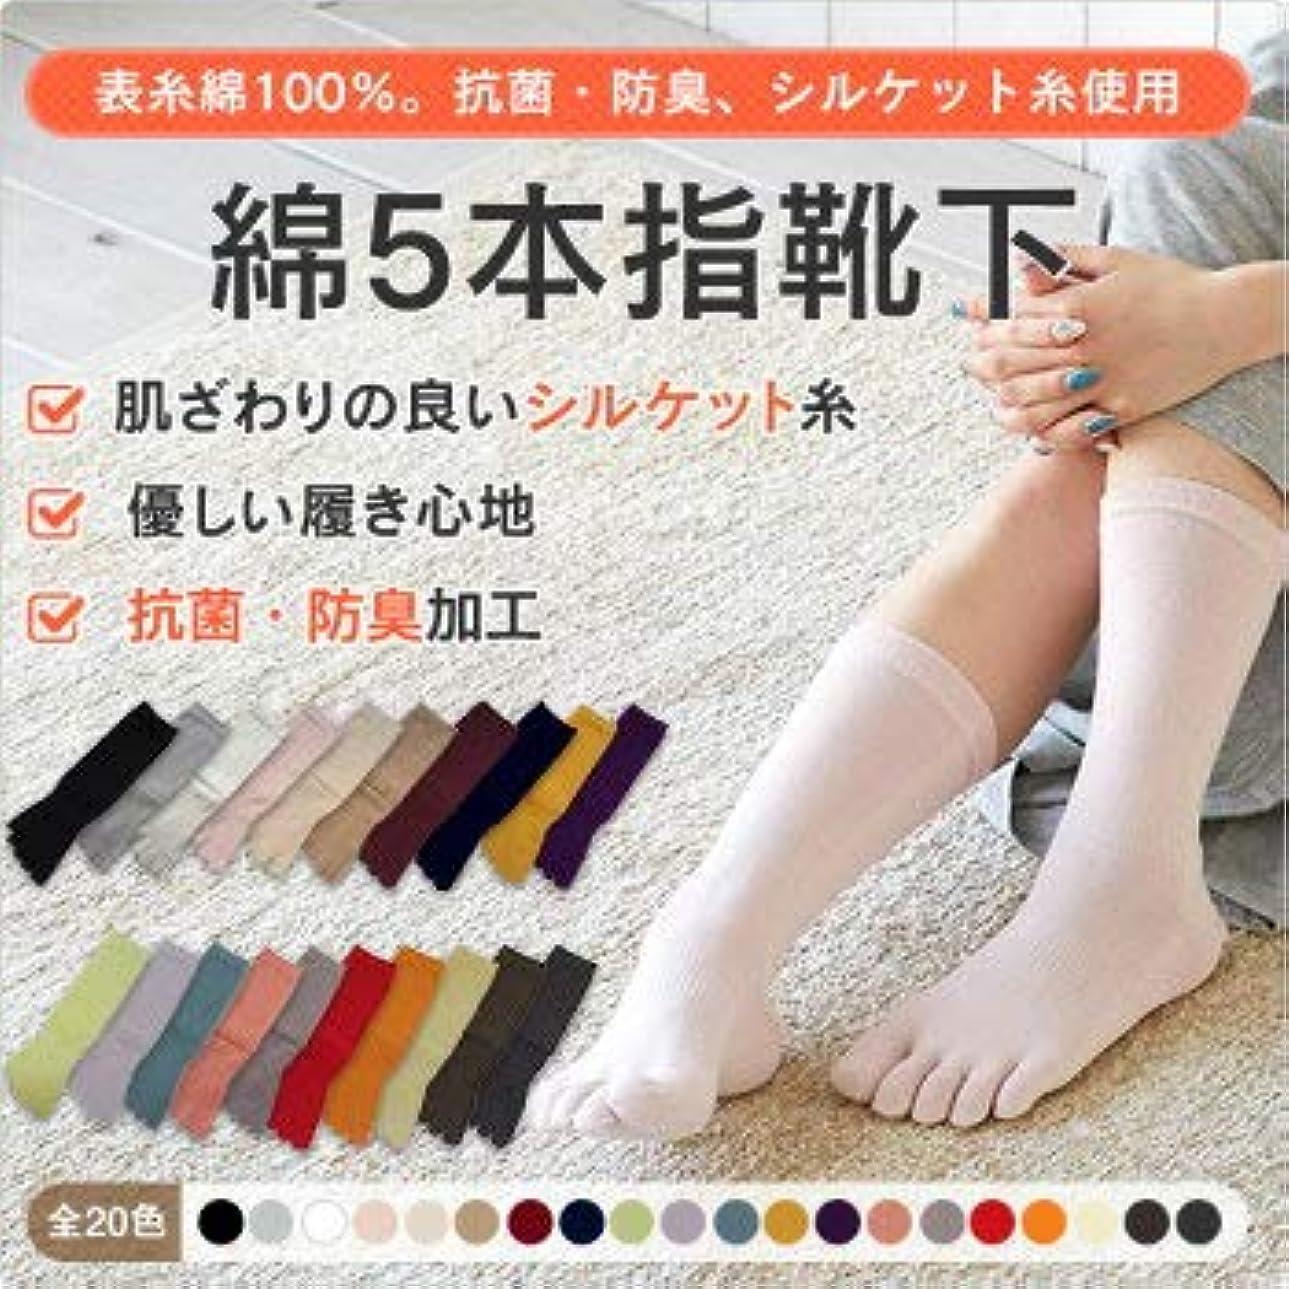 暴力的なうまやさしい選べる5色 女性用 5本指 ソックス 抗菌防臭 加工 綿100%糸使用 5色組 老舗 靴下 メーカーのこだわり 23-25cm 太陽ニット 3205P